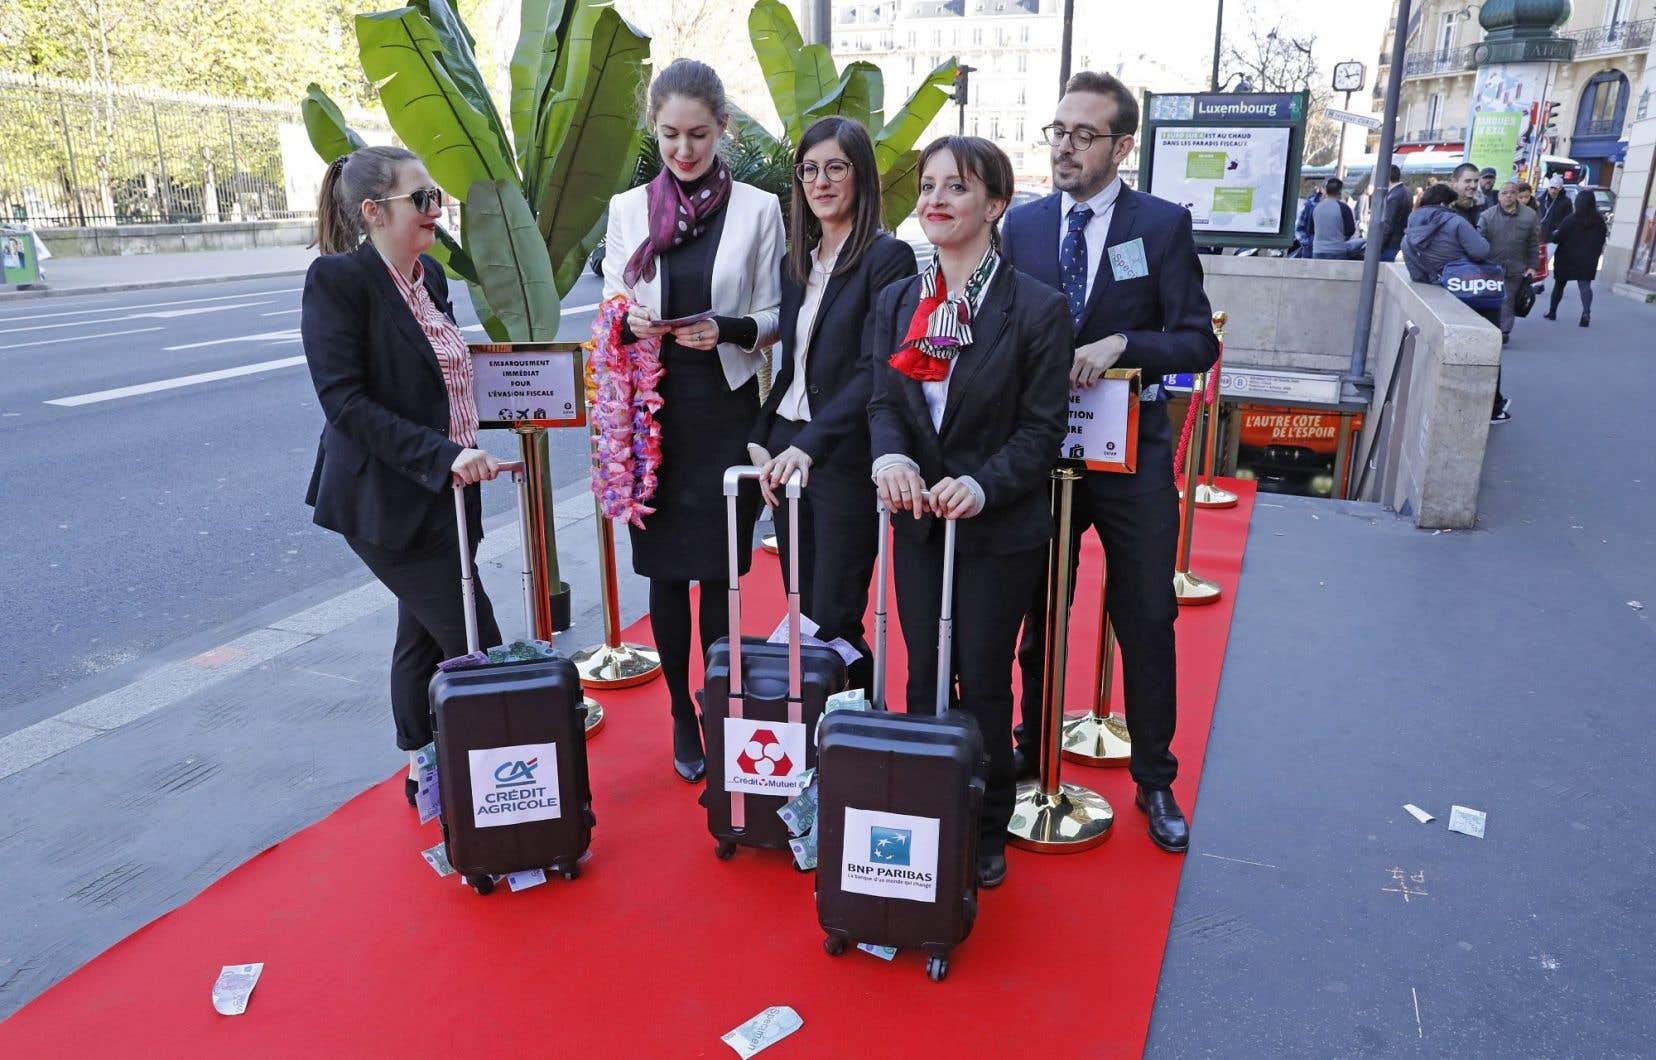 De faux banquiers de l'ONG se sont avancés sur un tapis rouge comme pour prendre l'avion avec des mallettes portant les noms de grandes banques françaises.